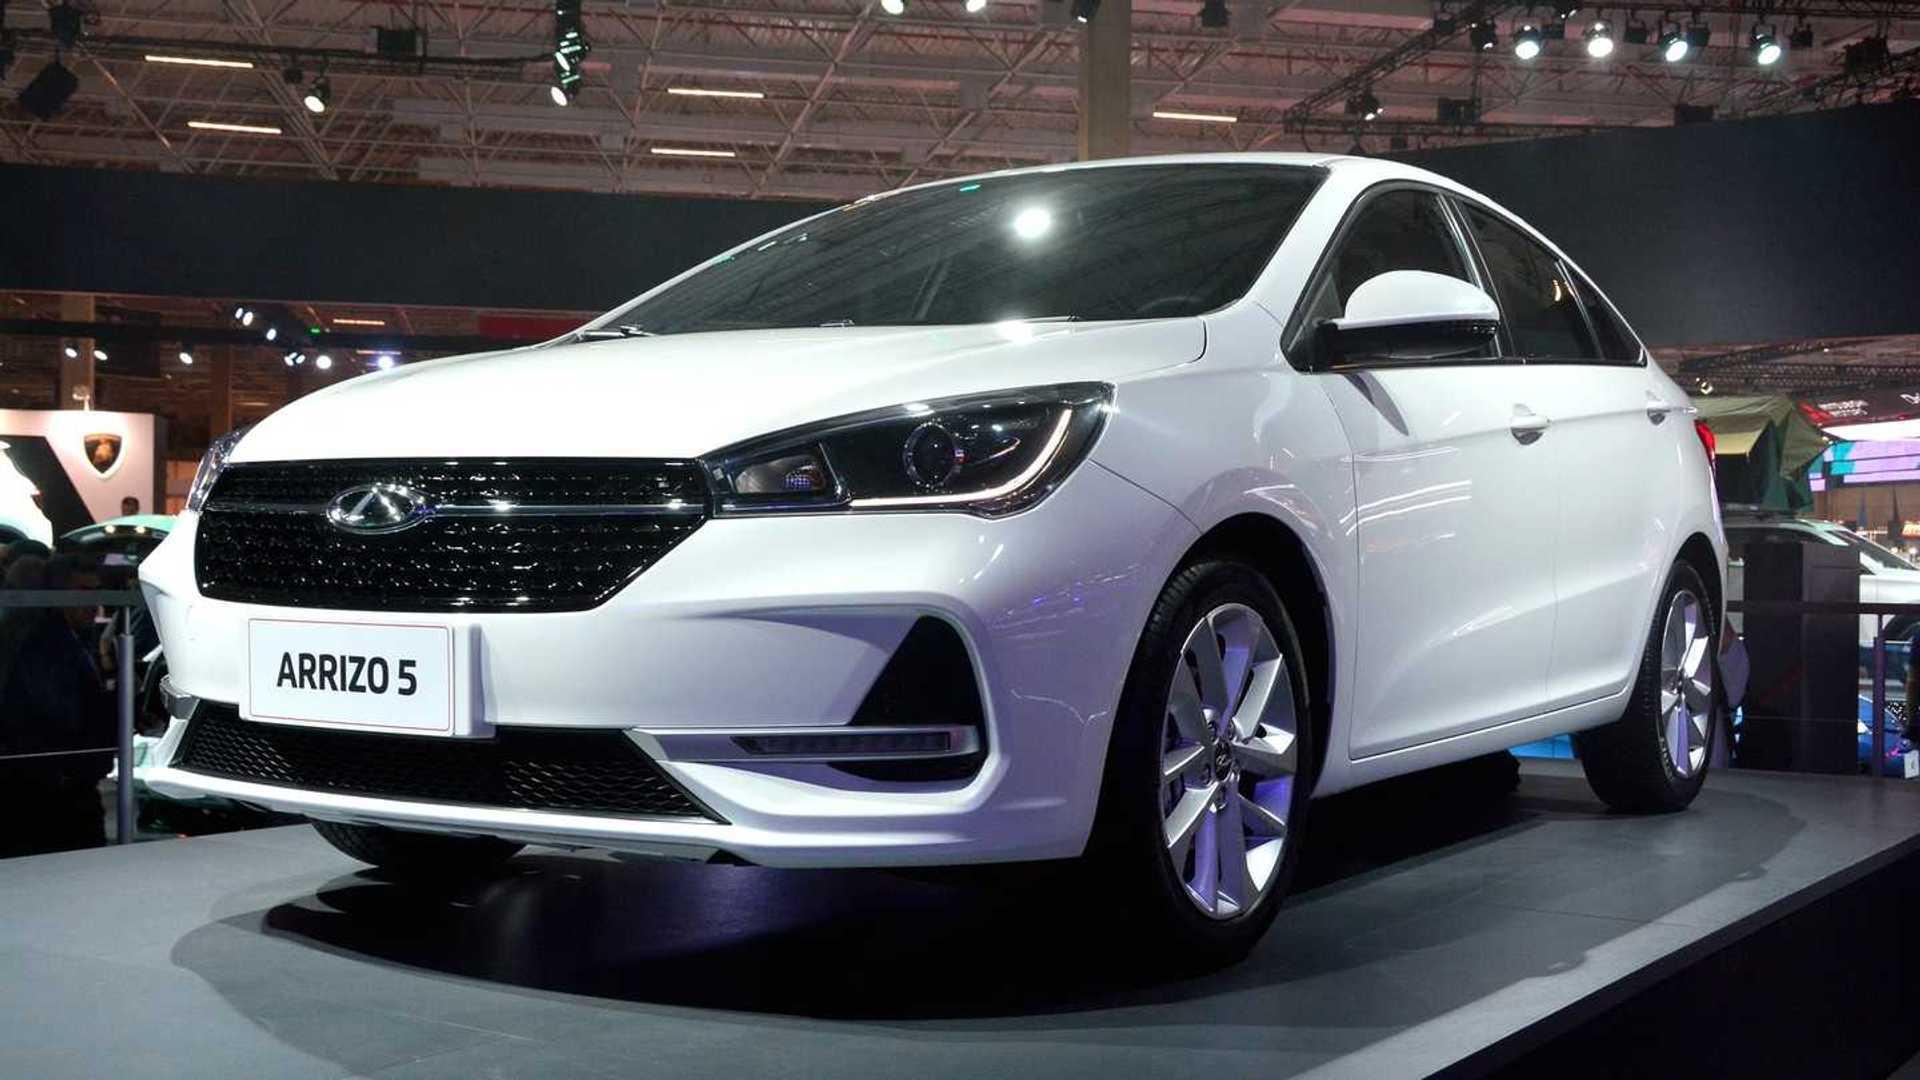 Forum gratis : Compra e venda engenharia Carro Chery-arrizo-5-salao-do-automovel